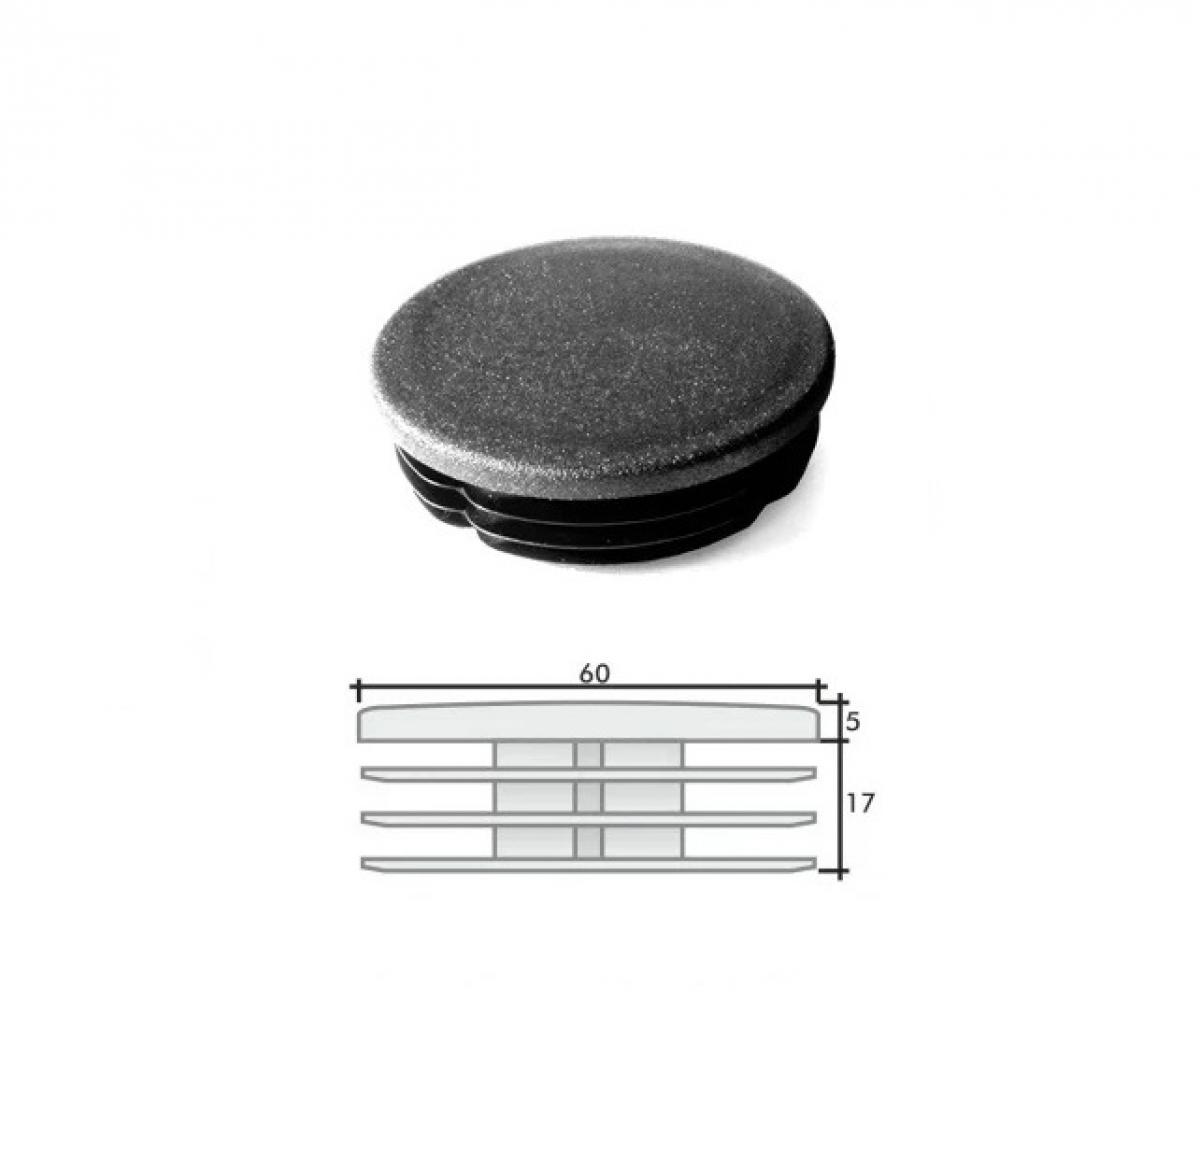 Заглушка ПВХ на круглую трубу внутренняя D=60 мм